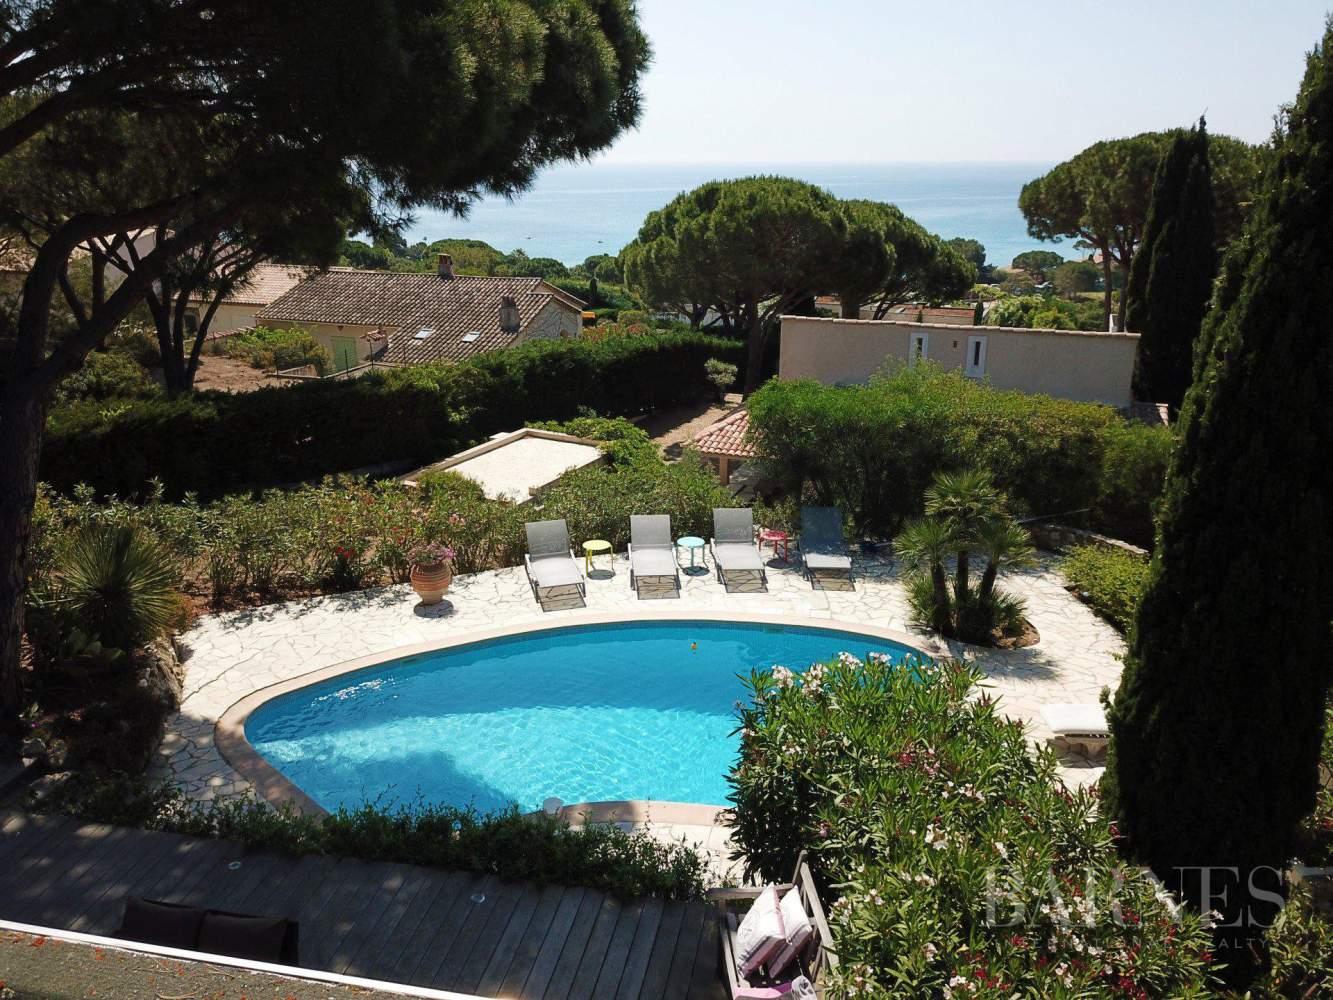 Gulf of Saint-Tropez- Ramatuelle - Quartier de l'Escalet, Nice sea view property picture 16